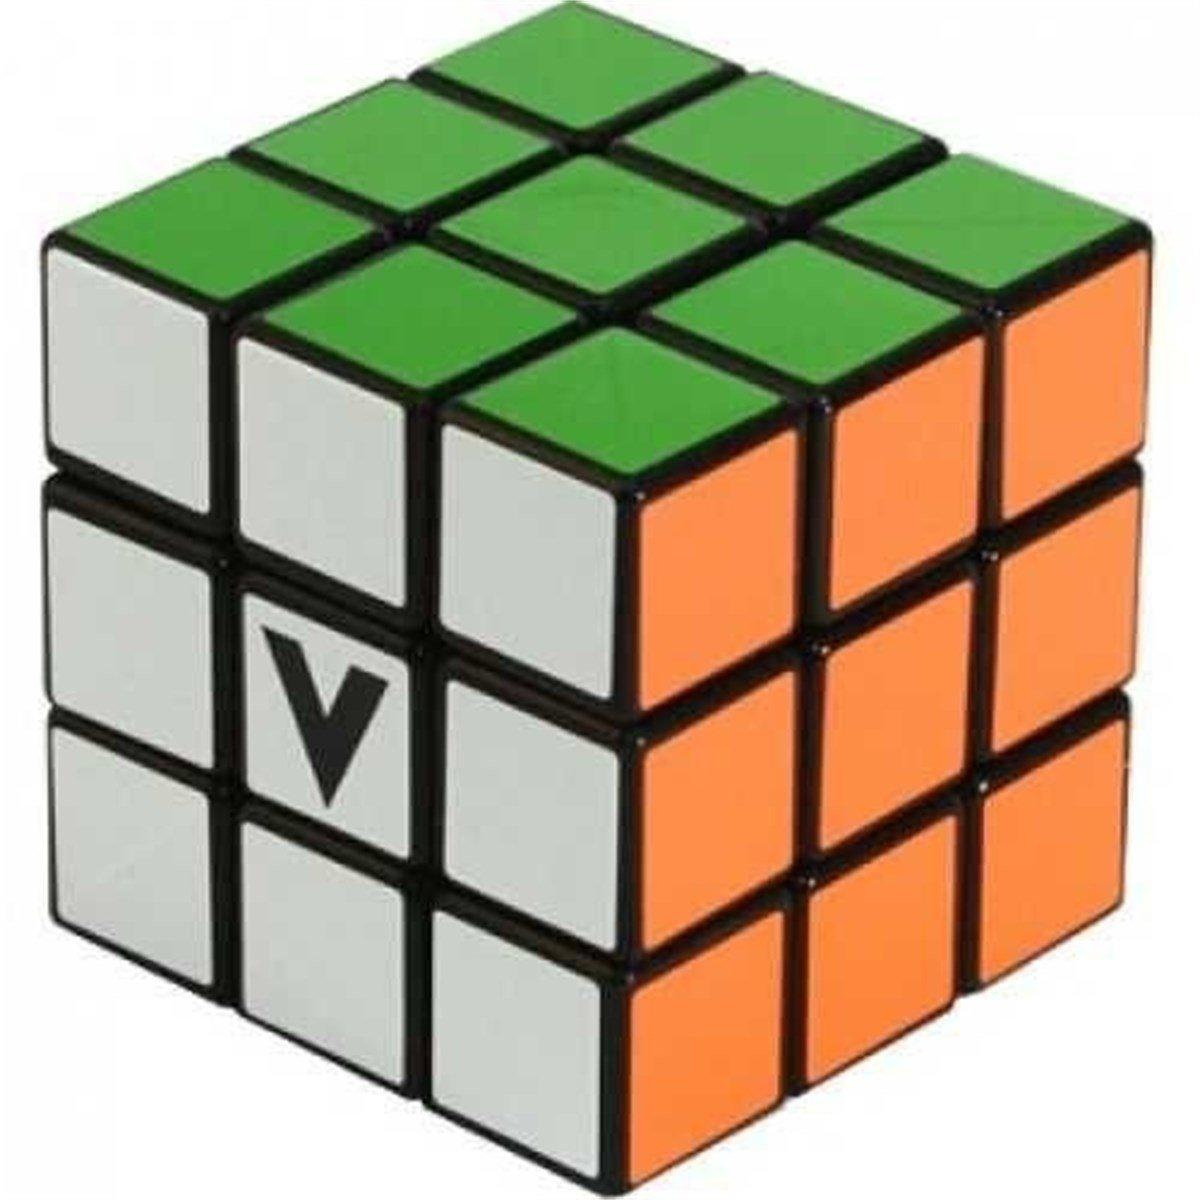 新品即決 V - - Cube Cube 3フラットブラック V B006TUGQKS, 和木綿の宮田織物:e7e42bae --- quiltersinfo.yarnslave.com